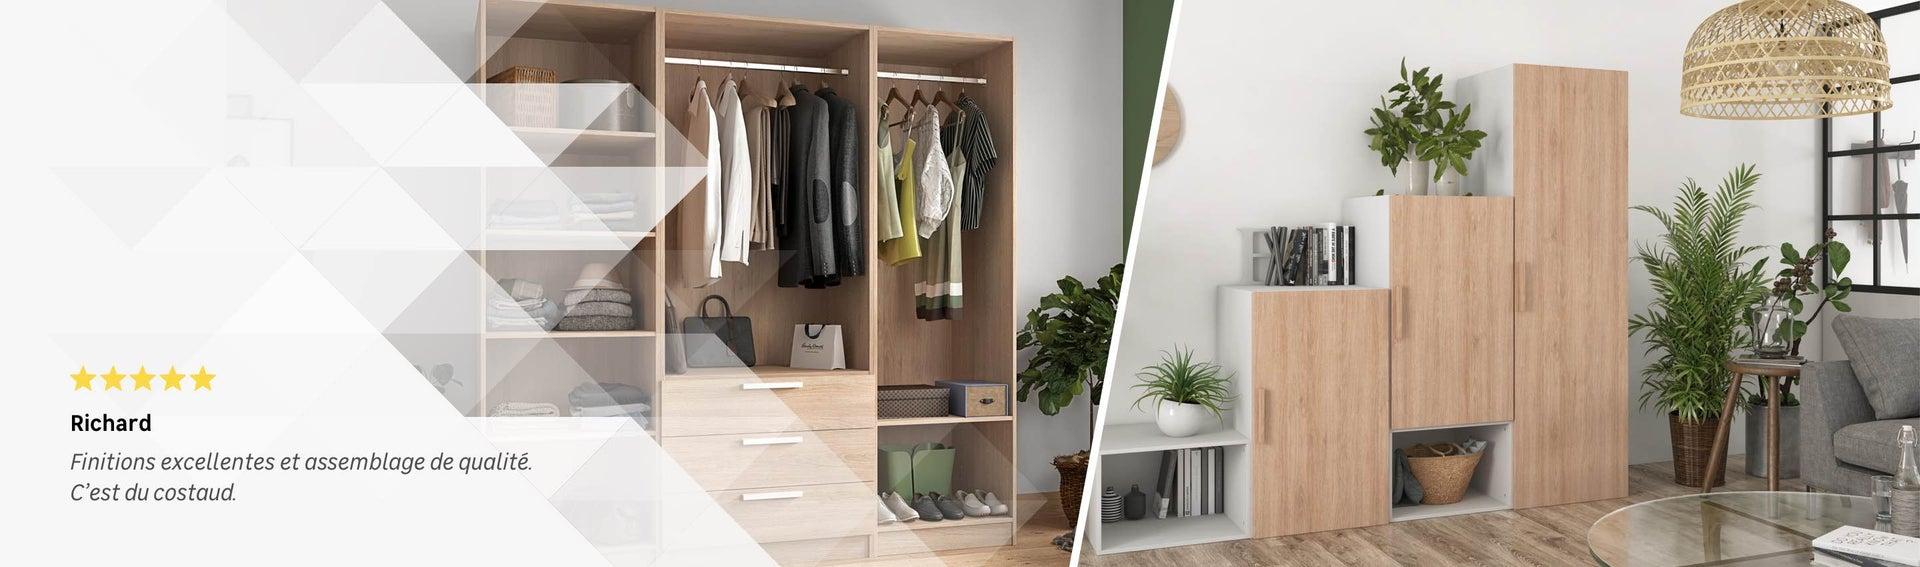 Ajouter Une Étagère Dans Un Placard dressing, aménagement placard et meuble de rangement